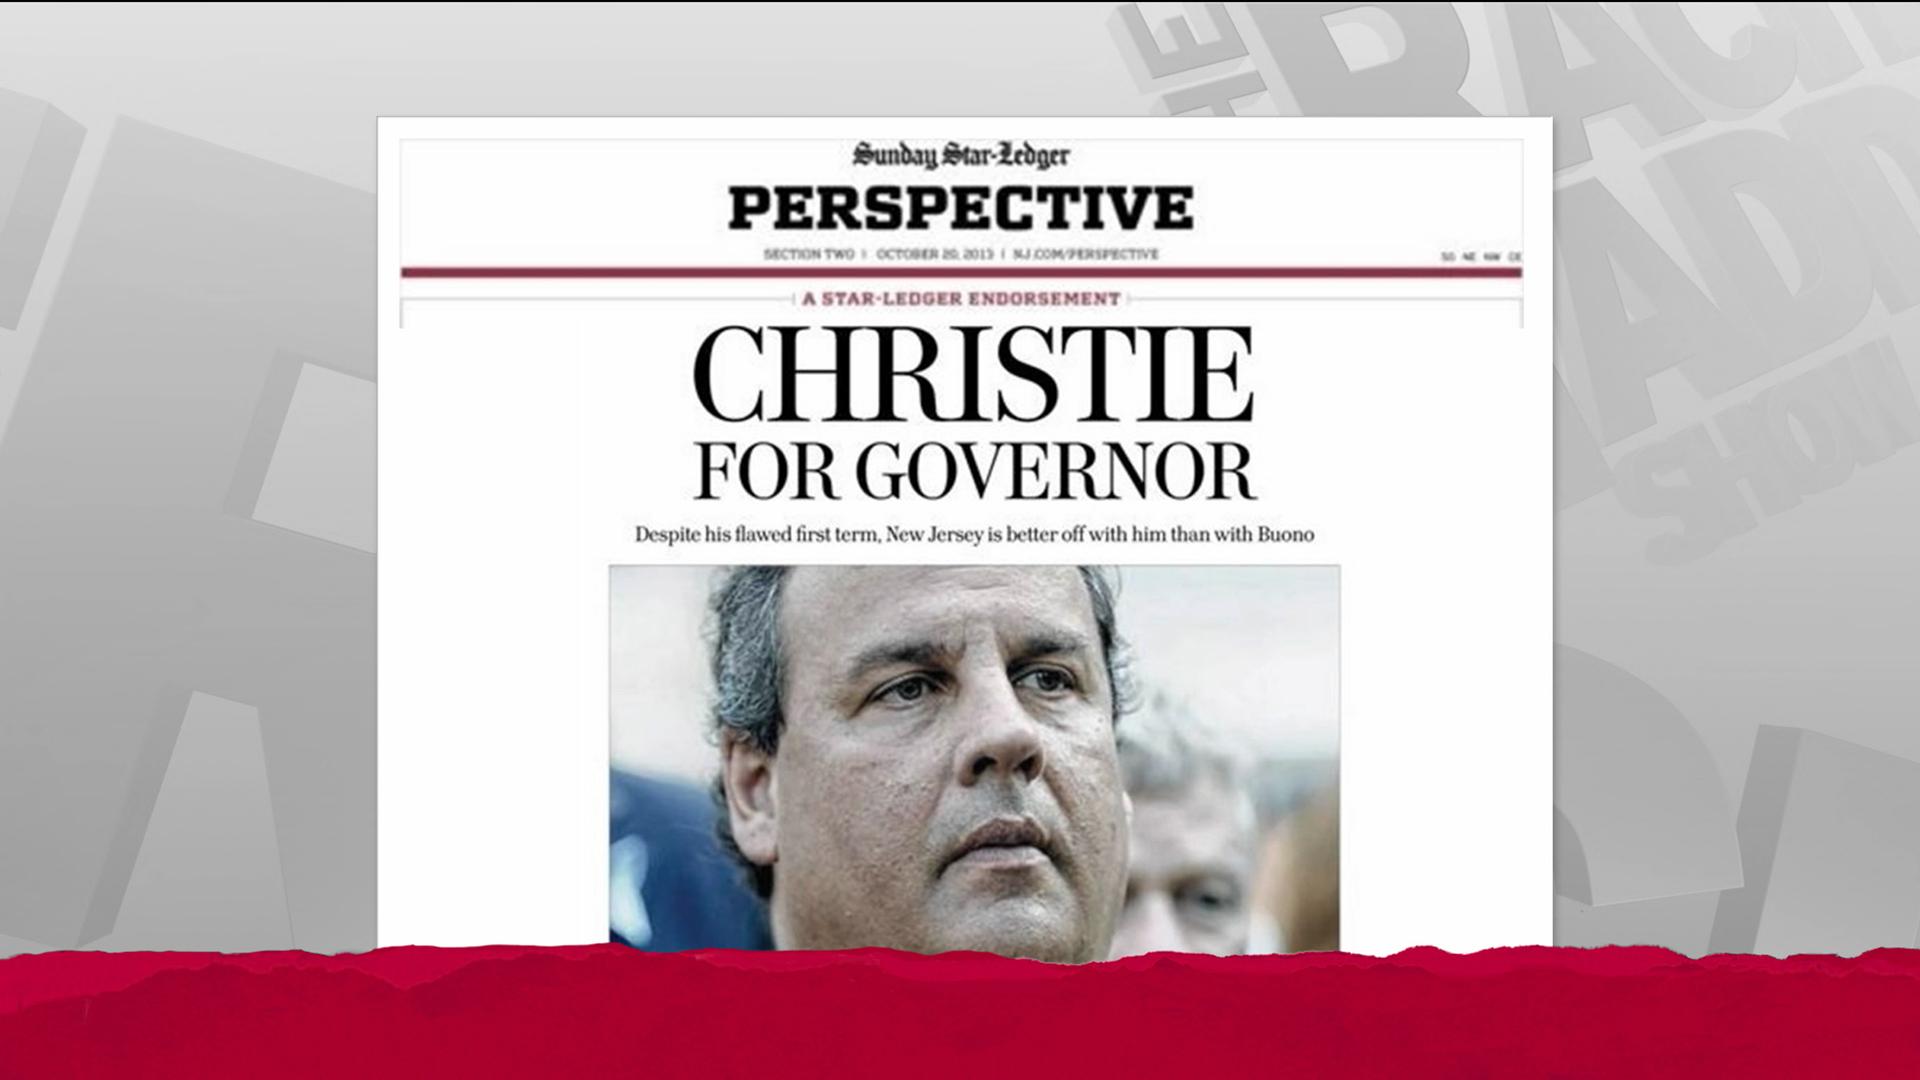 The weirdest newspaper endorsement ever